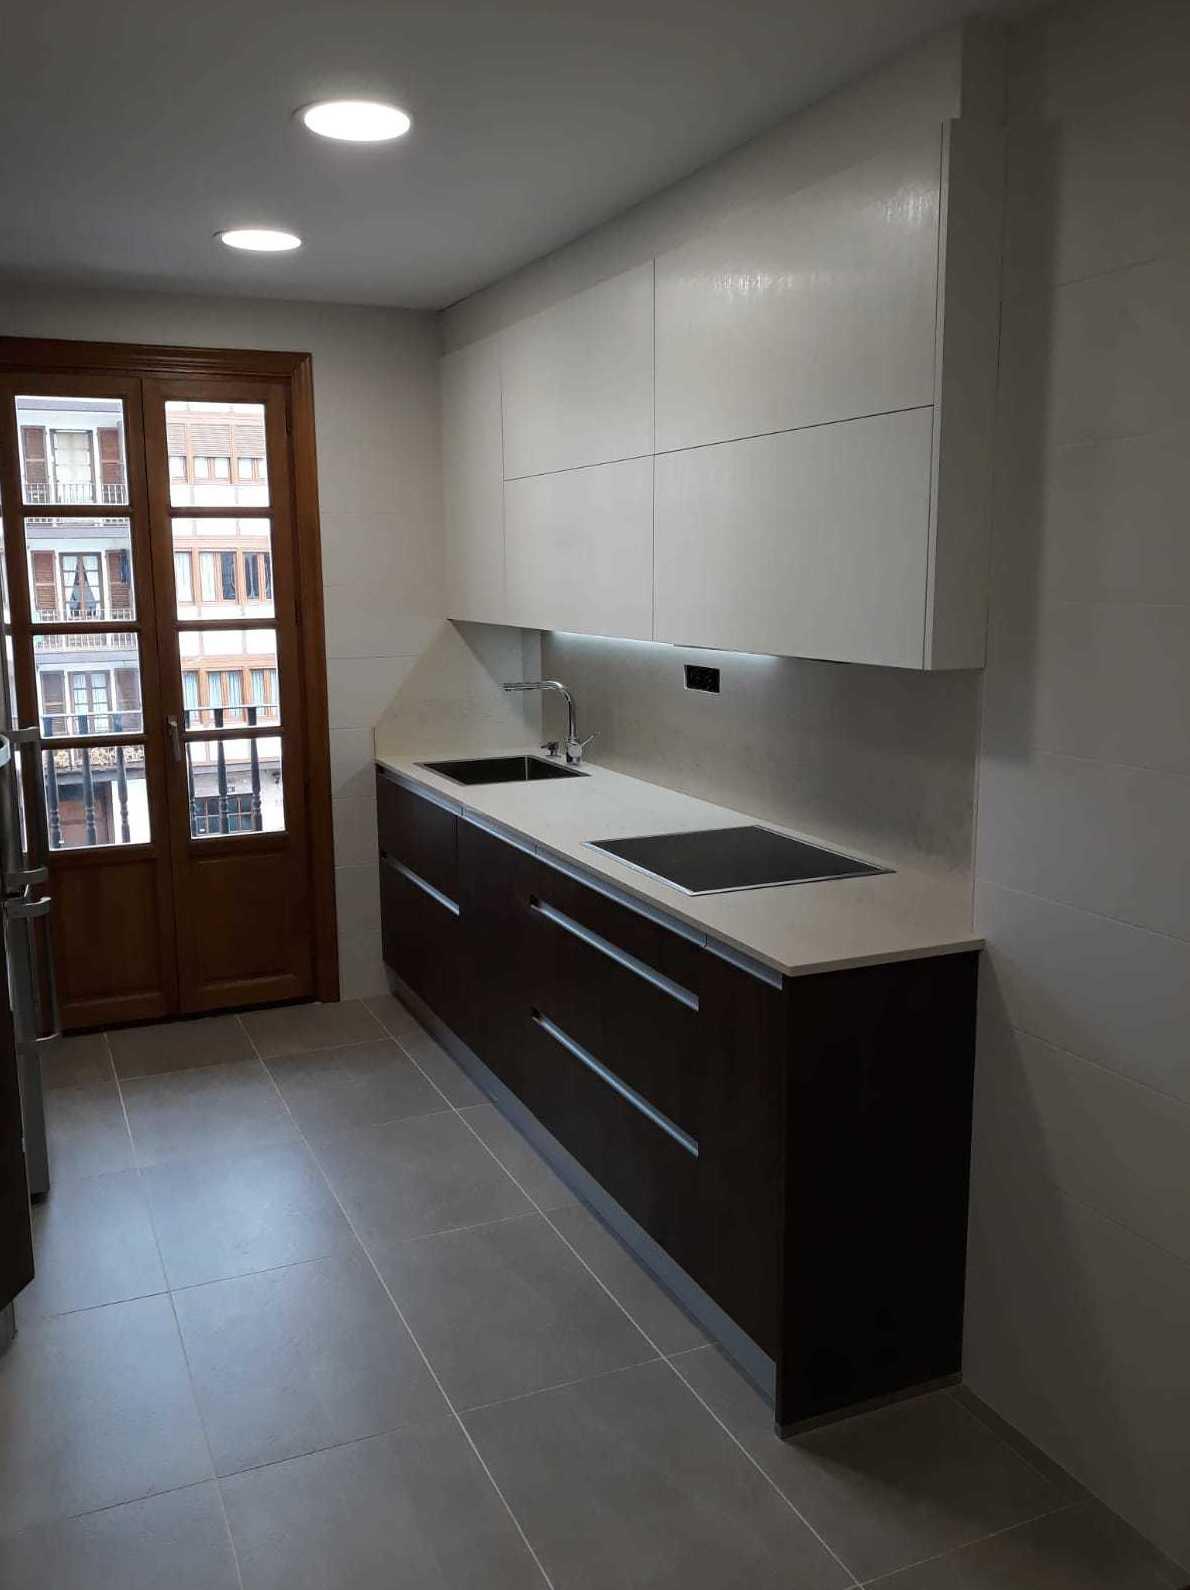 Foto 15 de Electrodomésticos y muebles en  | Electrodomésticos Miguelena